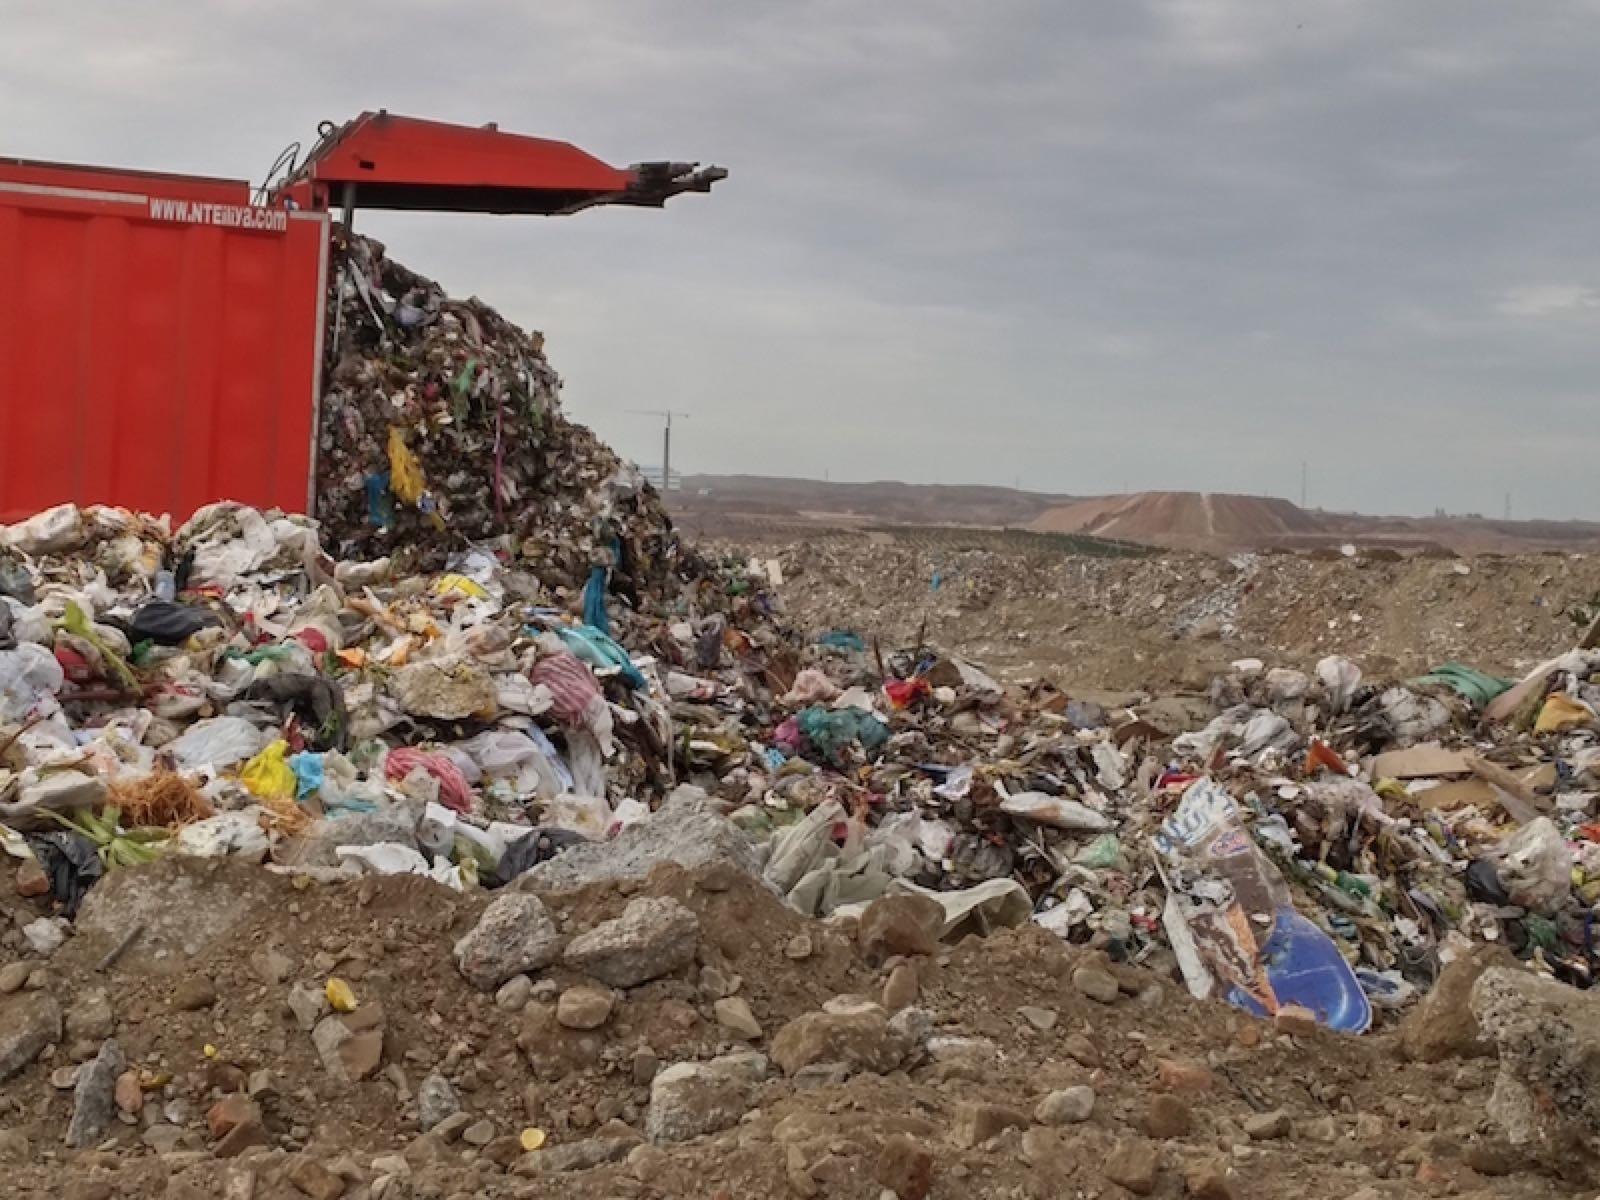 محل دفن زباله بايد از شهر و مناطق مسكوني دور باشد